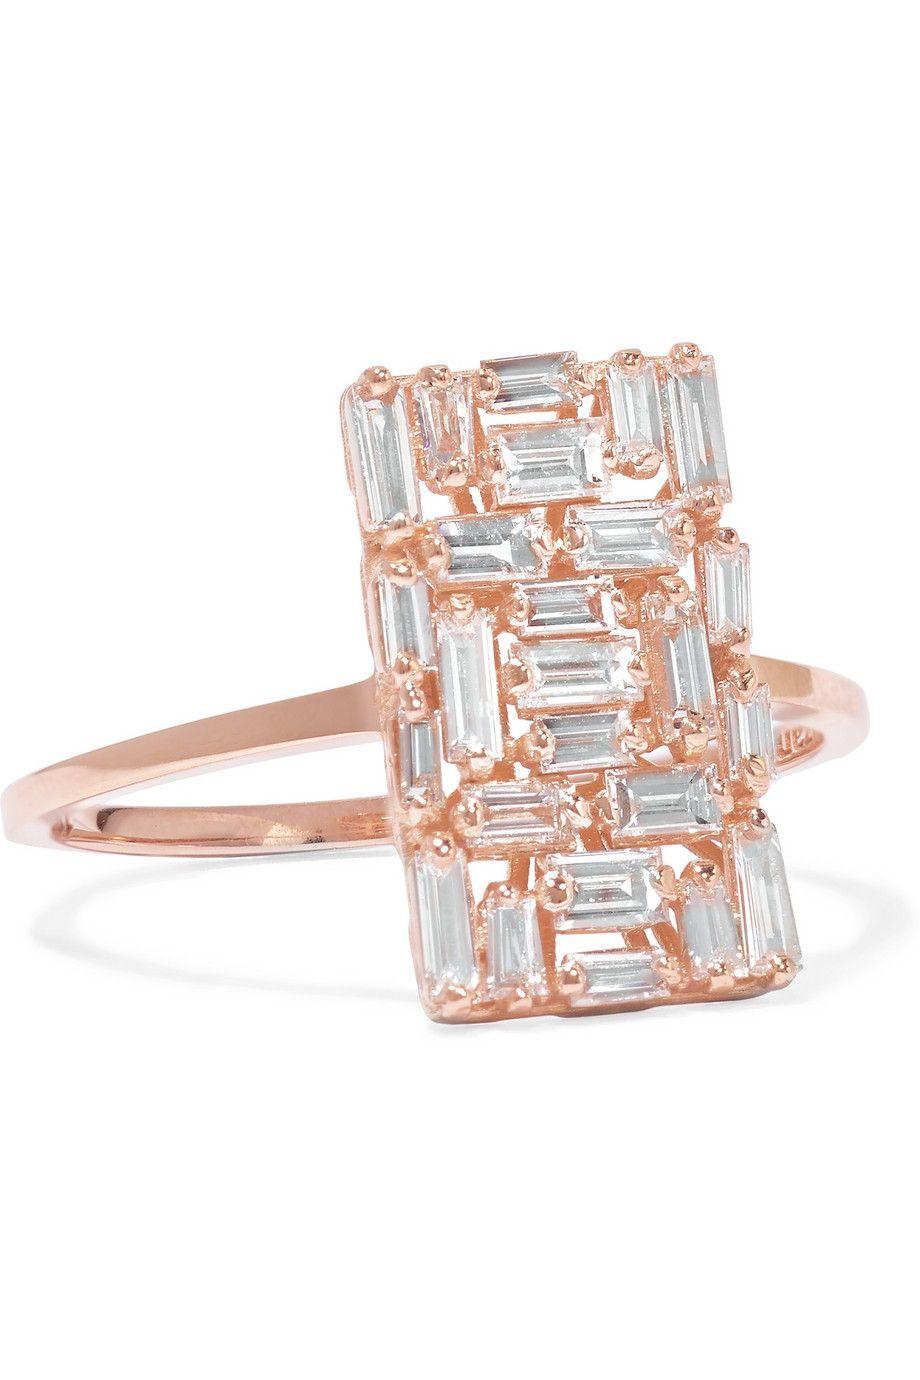 Suzanne Kalan 18-karat Rose Gold Diamond Ring n8UVd